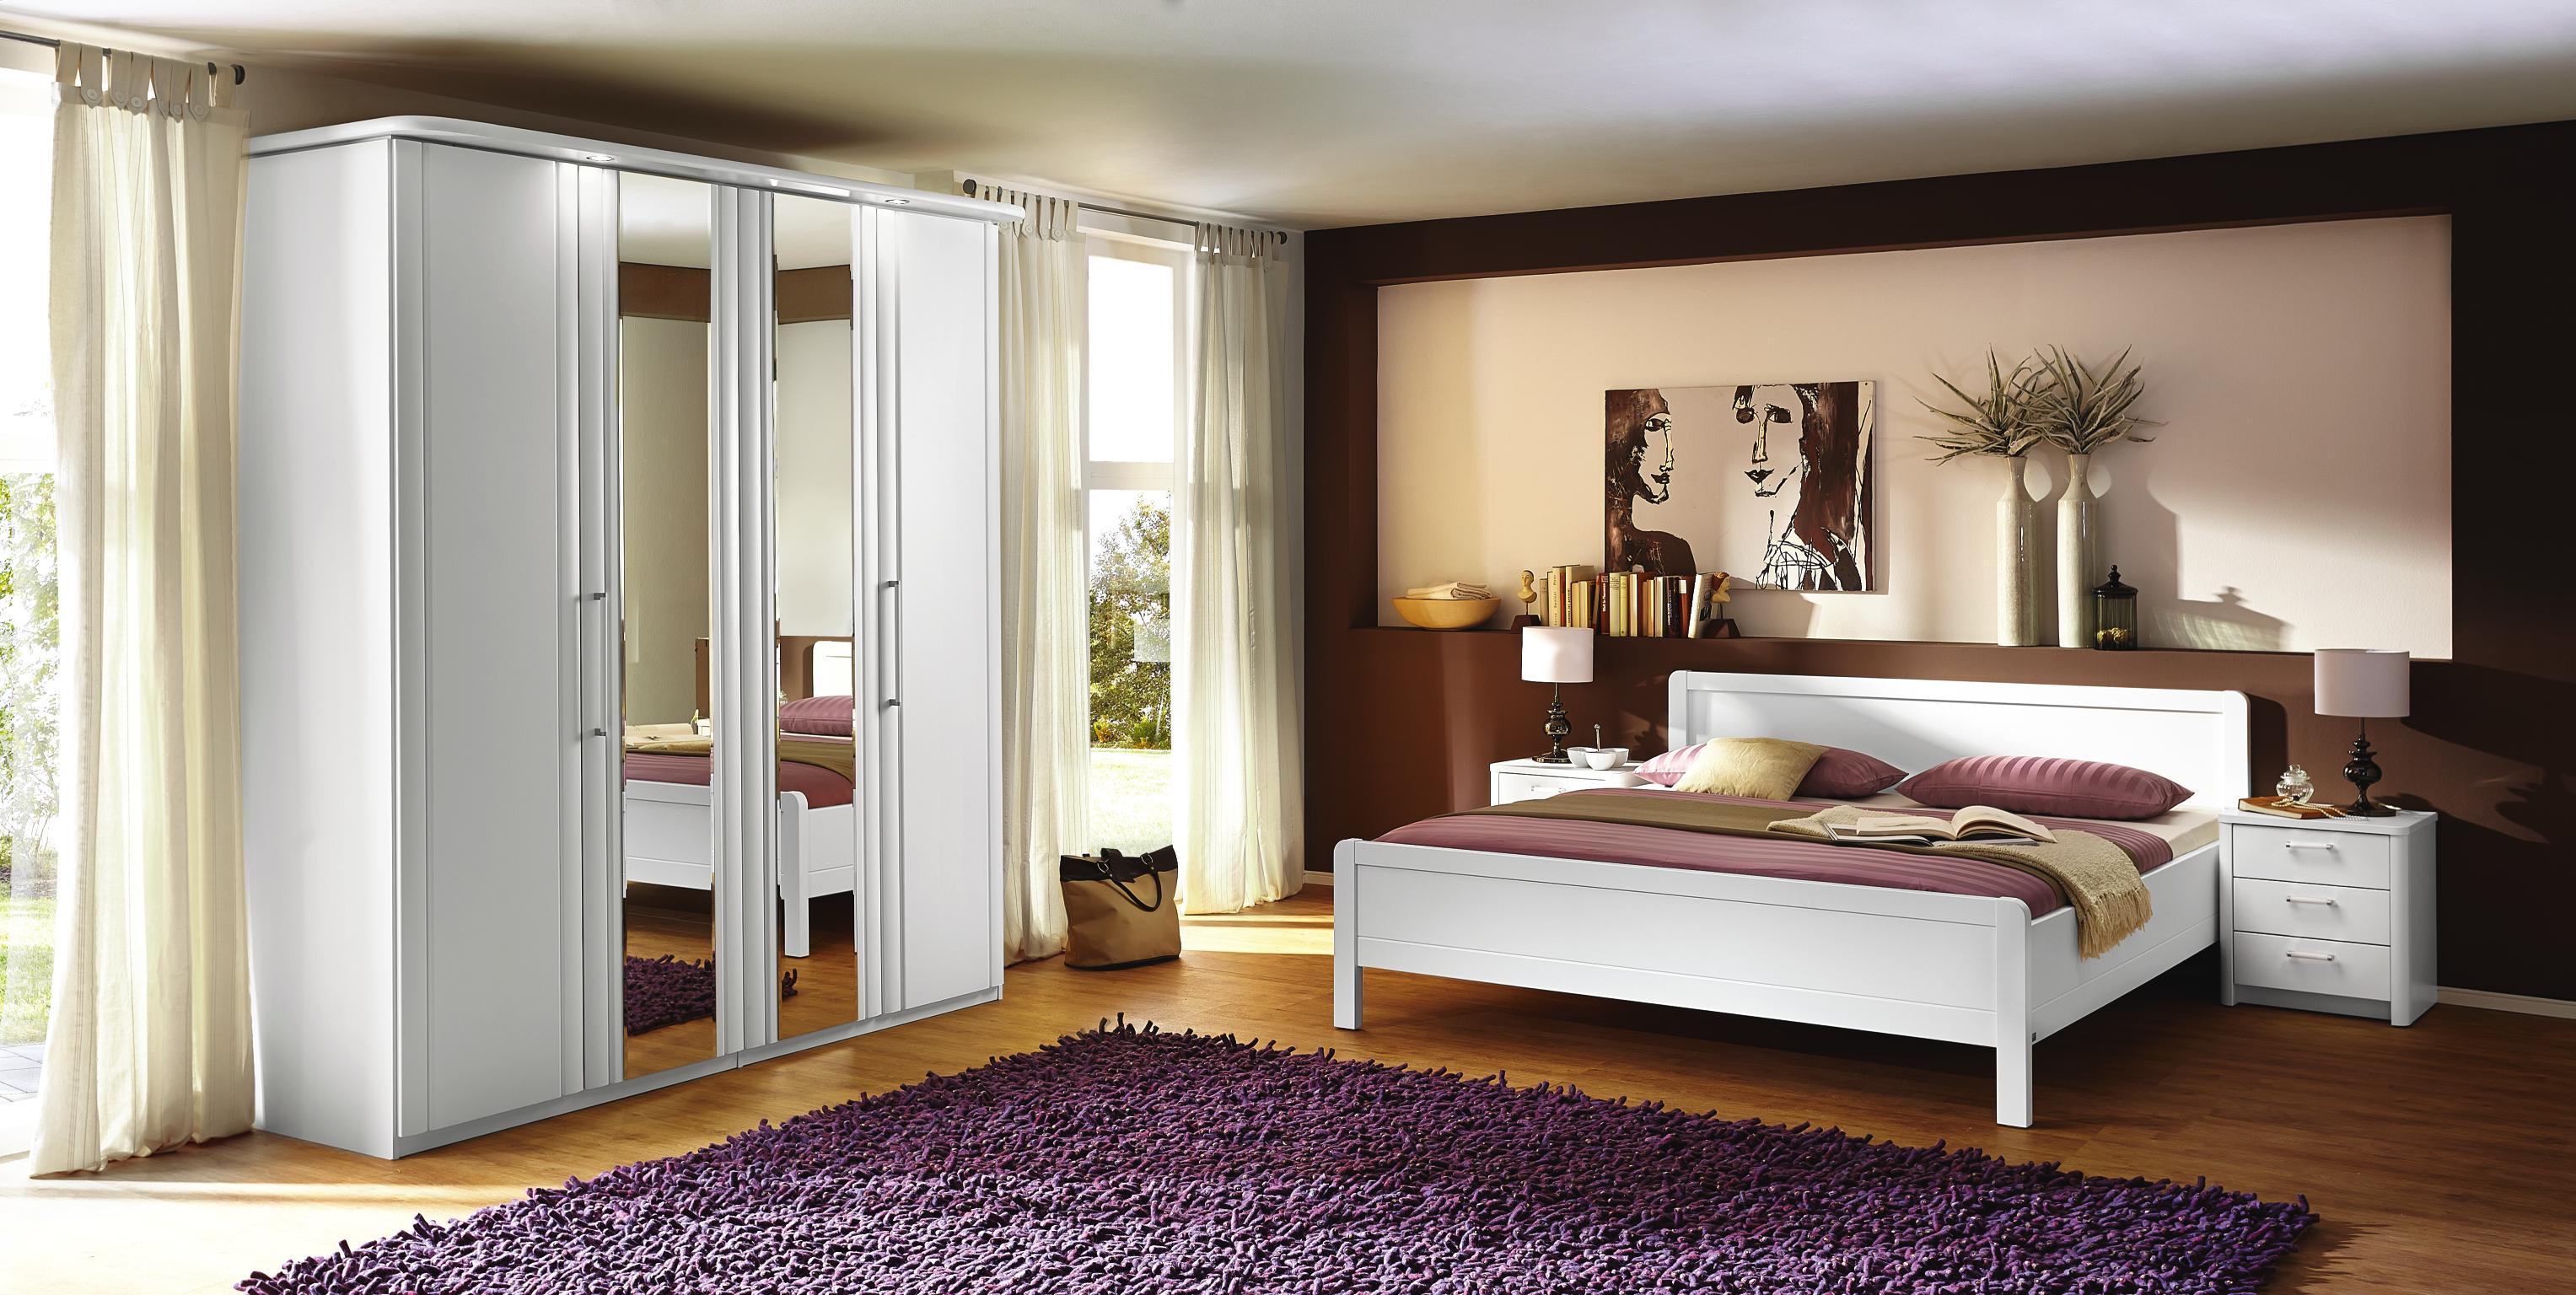 wohnzimmer xora xora wohnzimmer anthrazit elvenbride. Black Bedroom Furniture Sets. Home Design Ideas